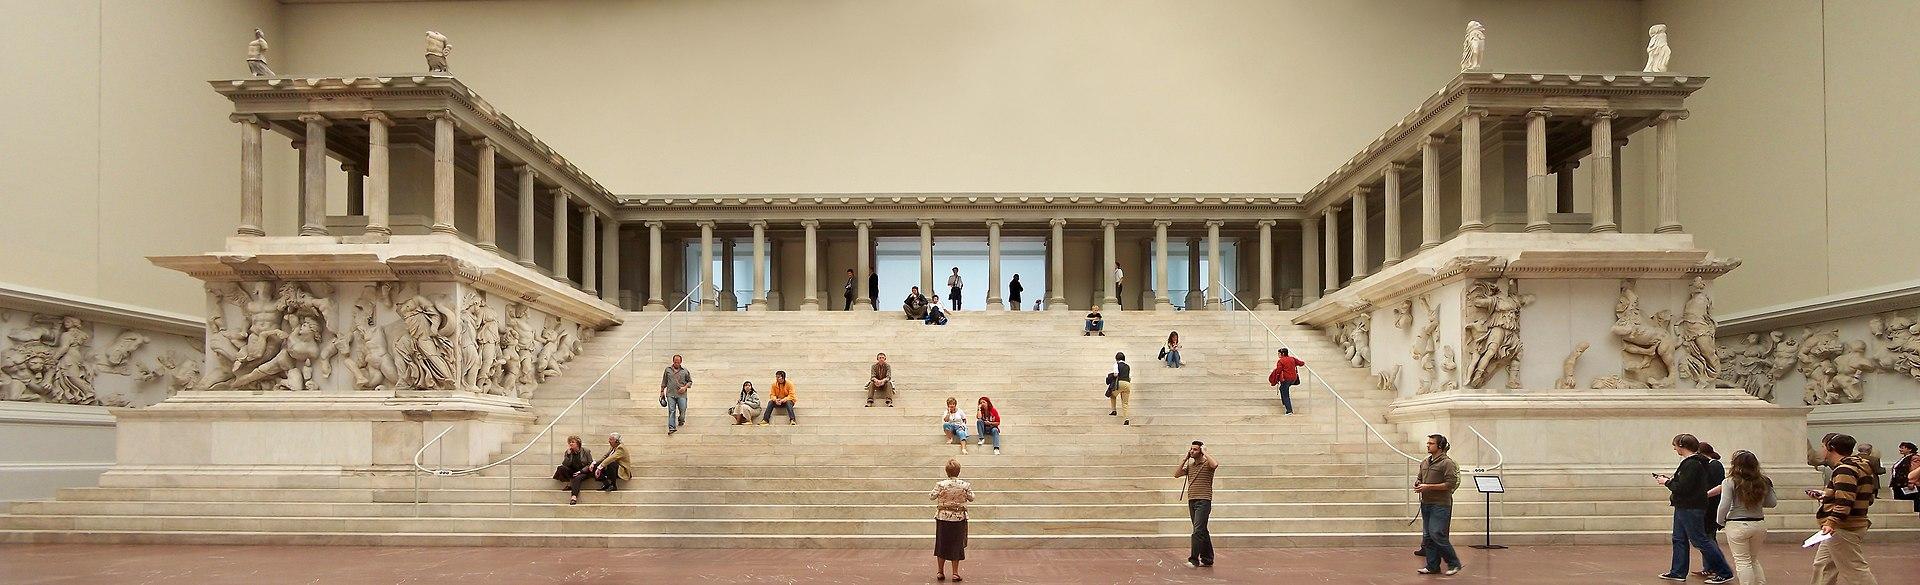 1920px-Berlin_-_Pergamonmuseum_-_Altar_0